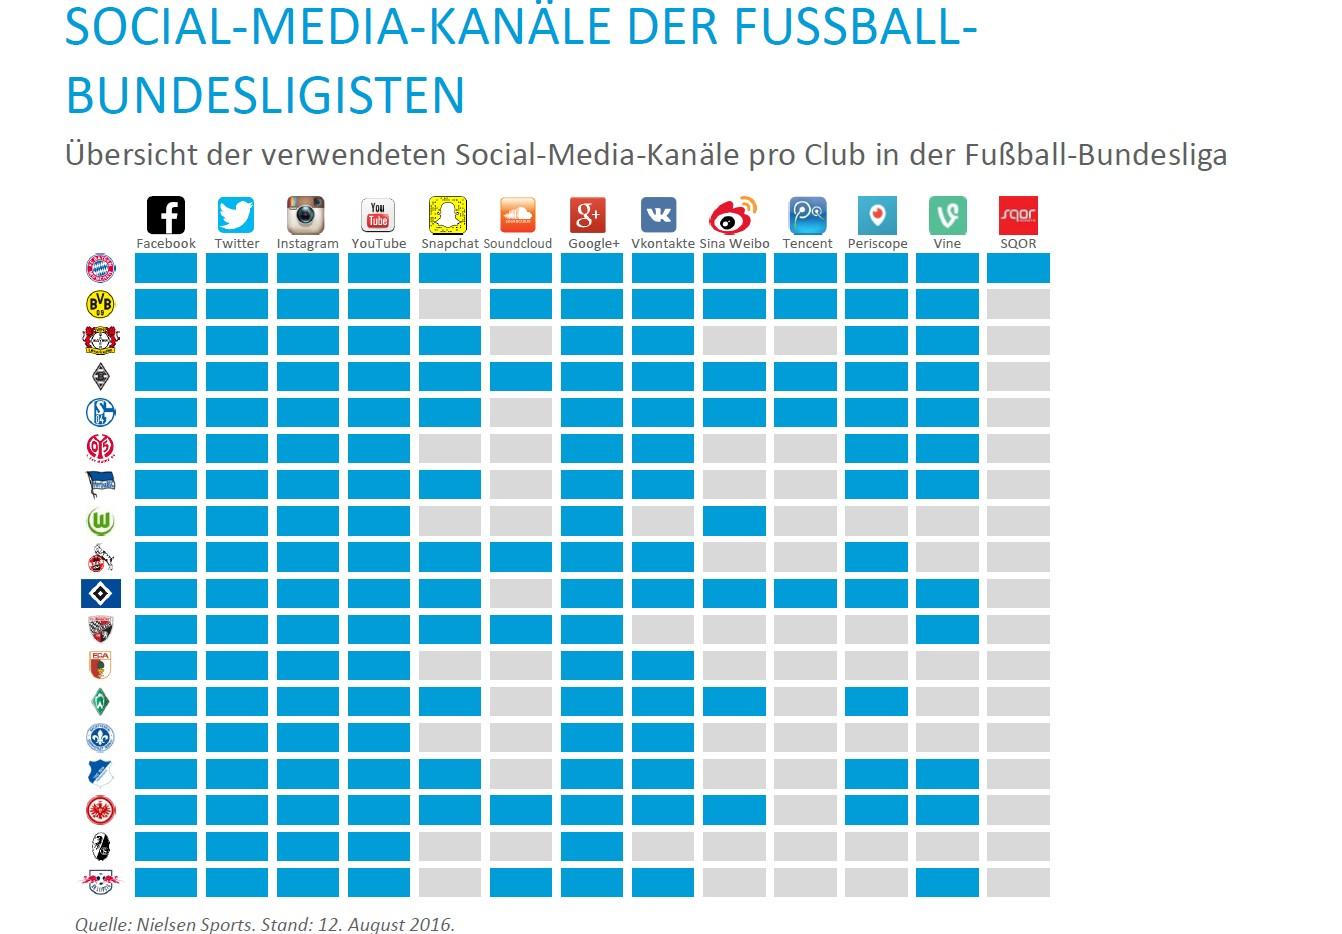 Infografik In Diesen Social Networks Sind Die Fussball